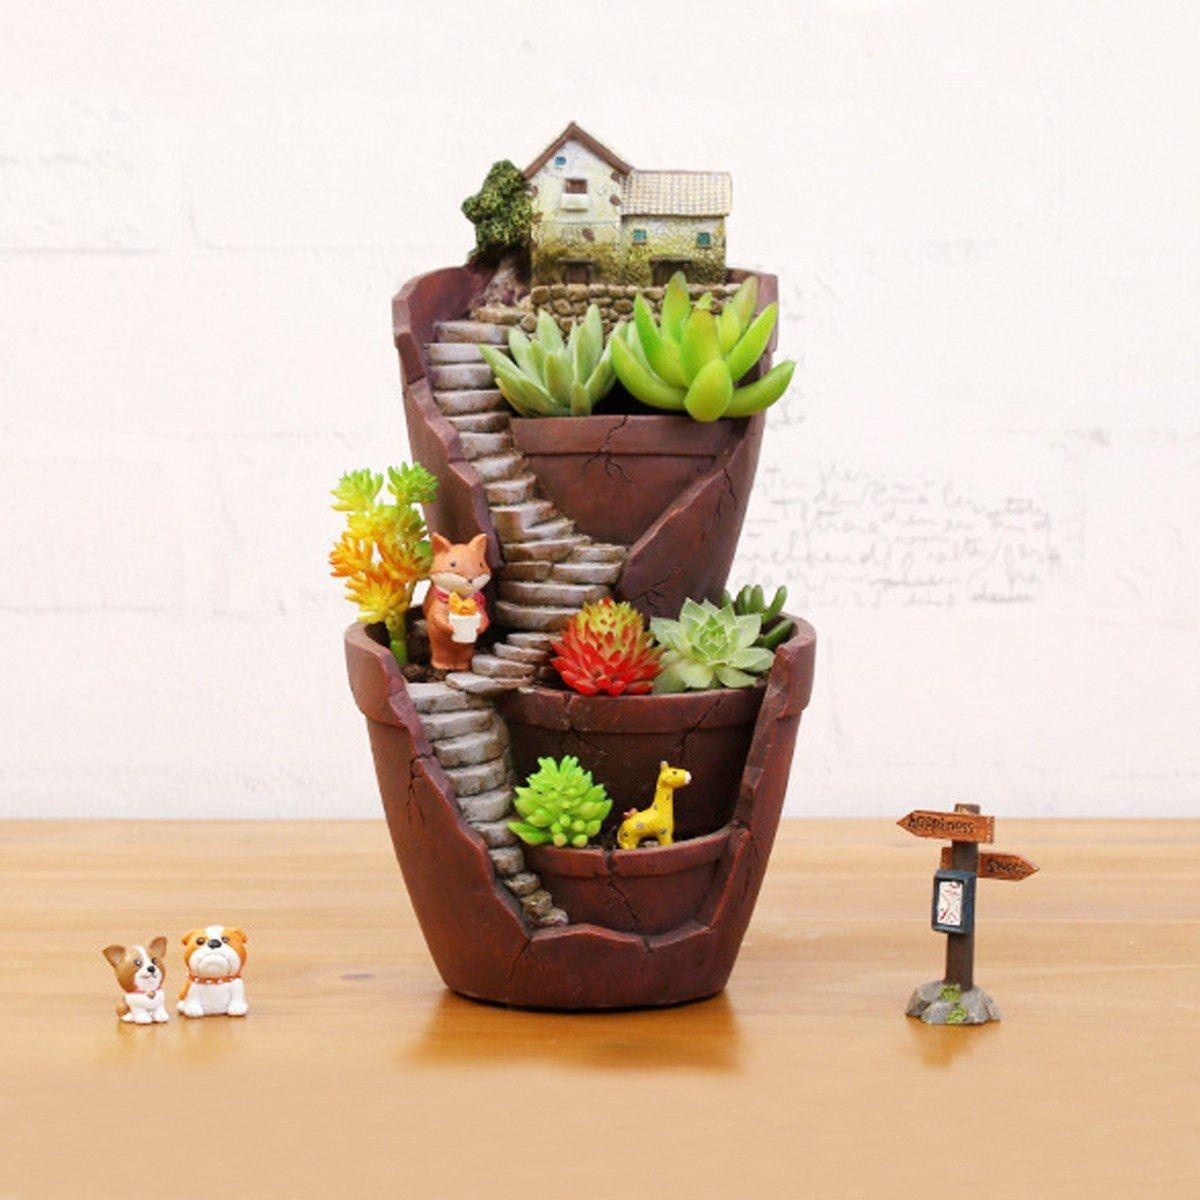 Resin Flower Pot For Succulent Plants Flowerpot Micro Landscape